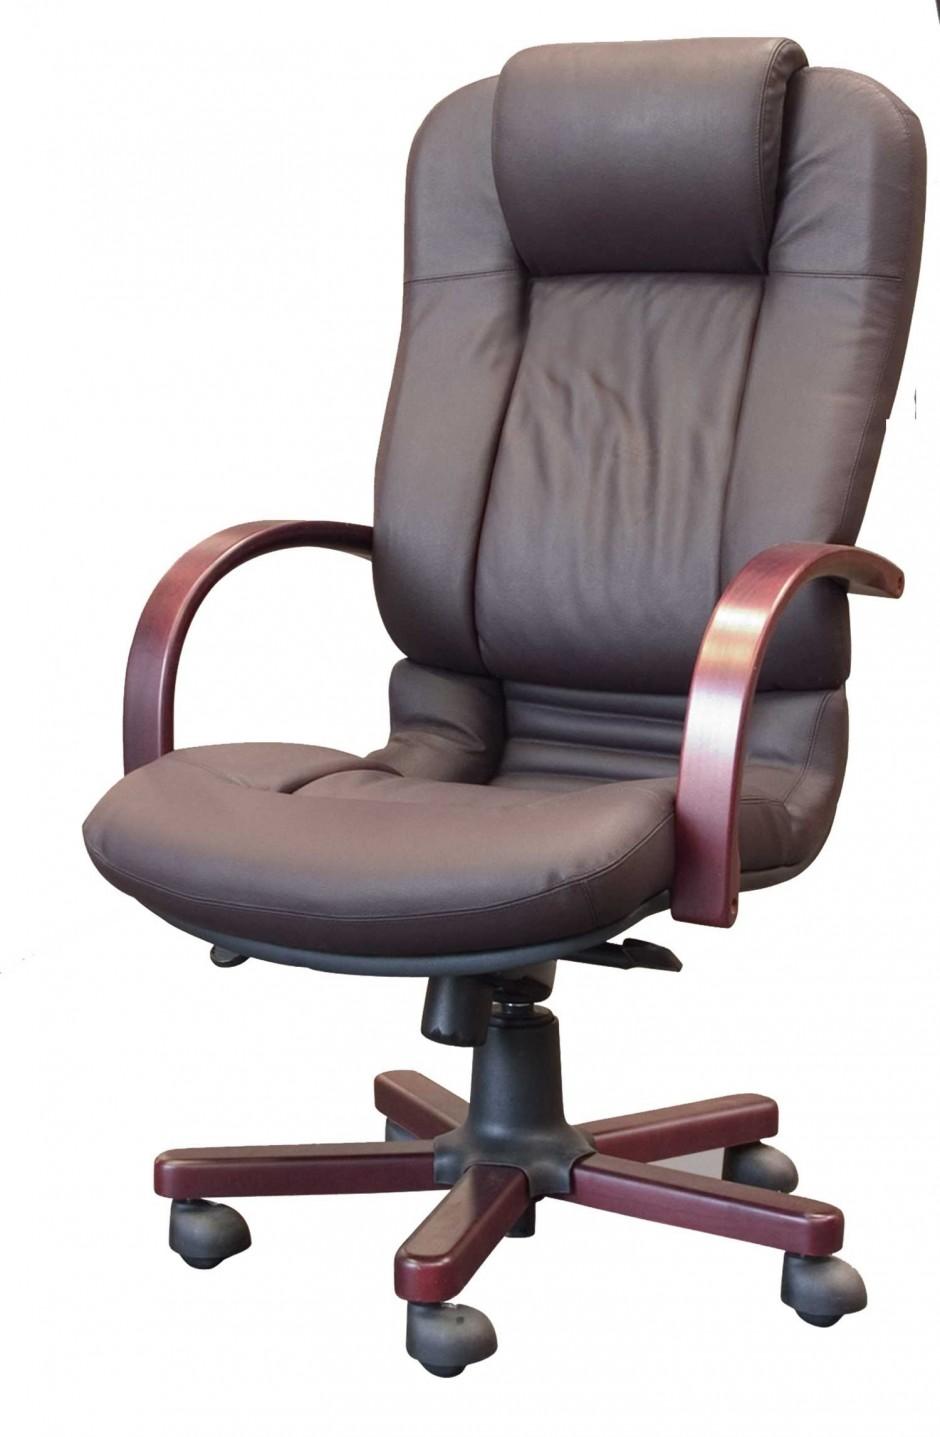 Brilliant Tp9000 Chair Review | Incredible Tempur Pedic Tp9000